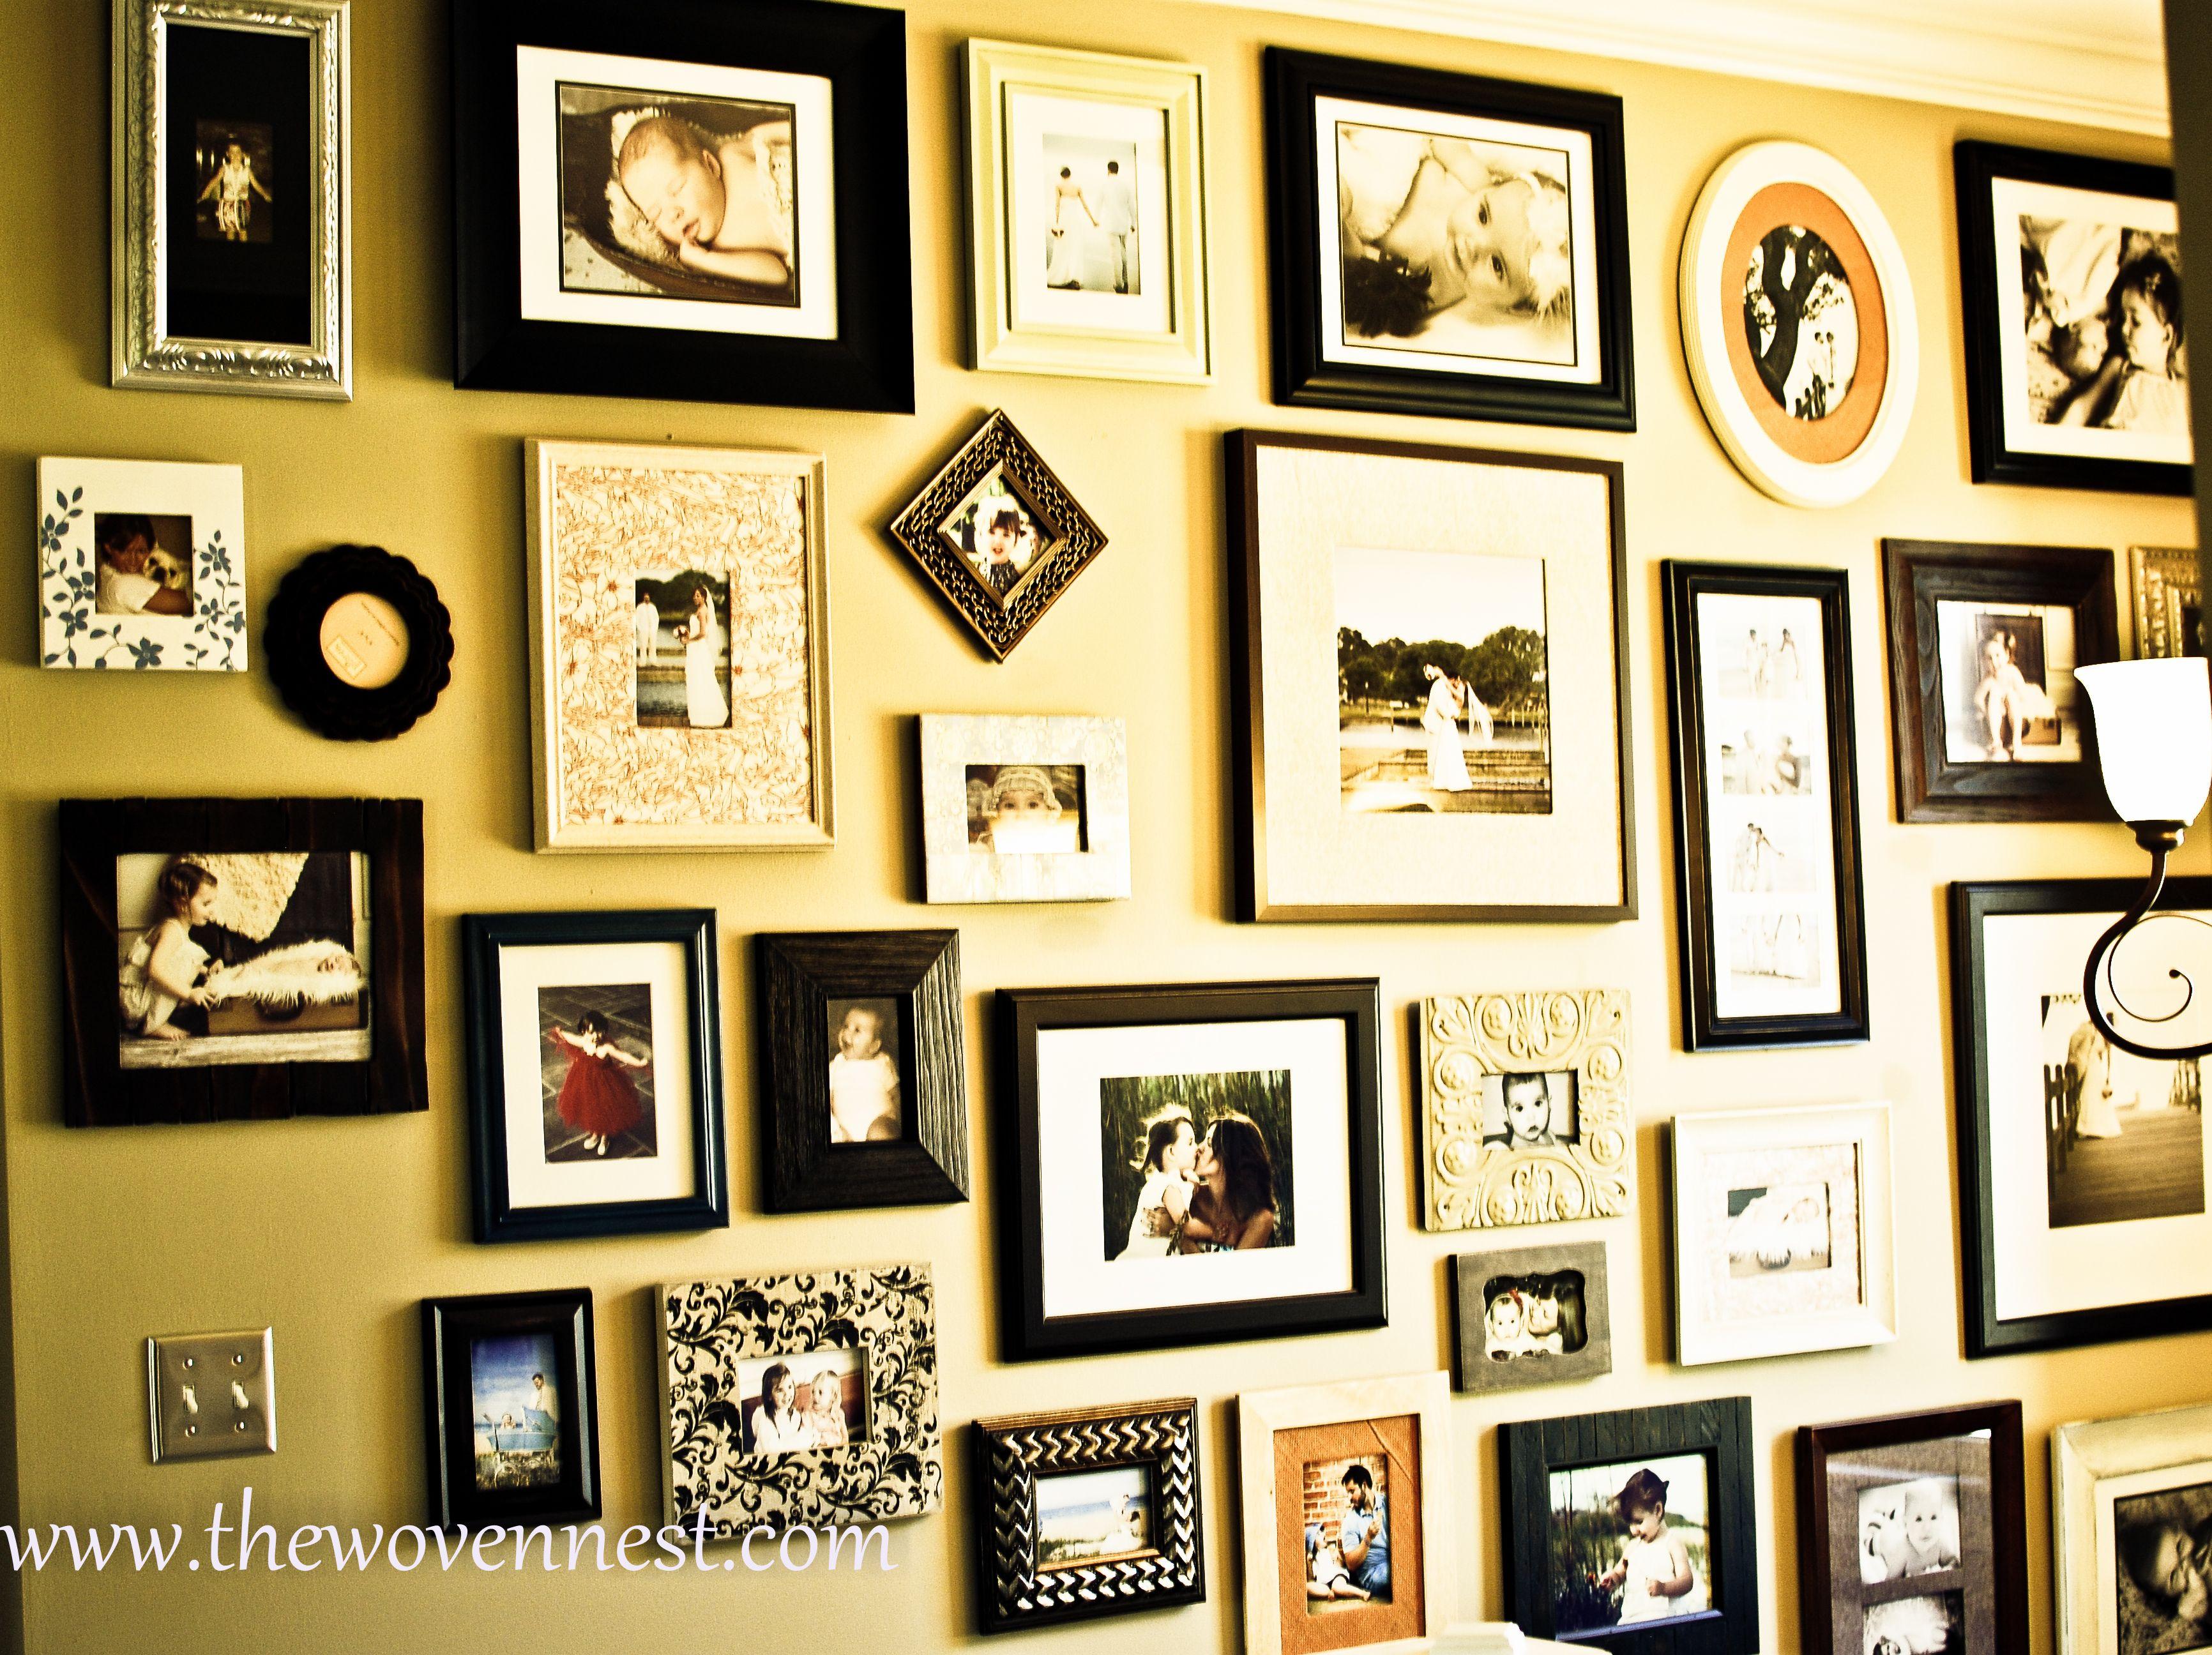 photo wall | Photo walls | Pinterest | Photo wall, Walls and Wall ideas